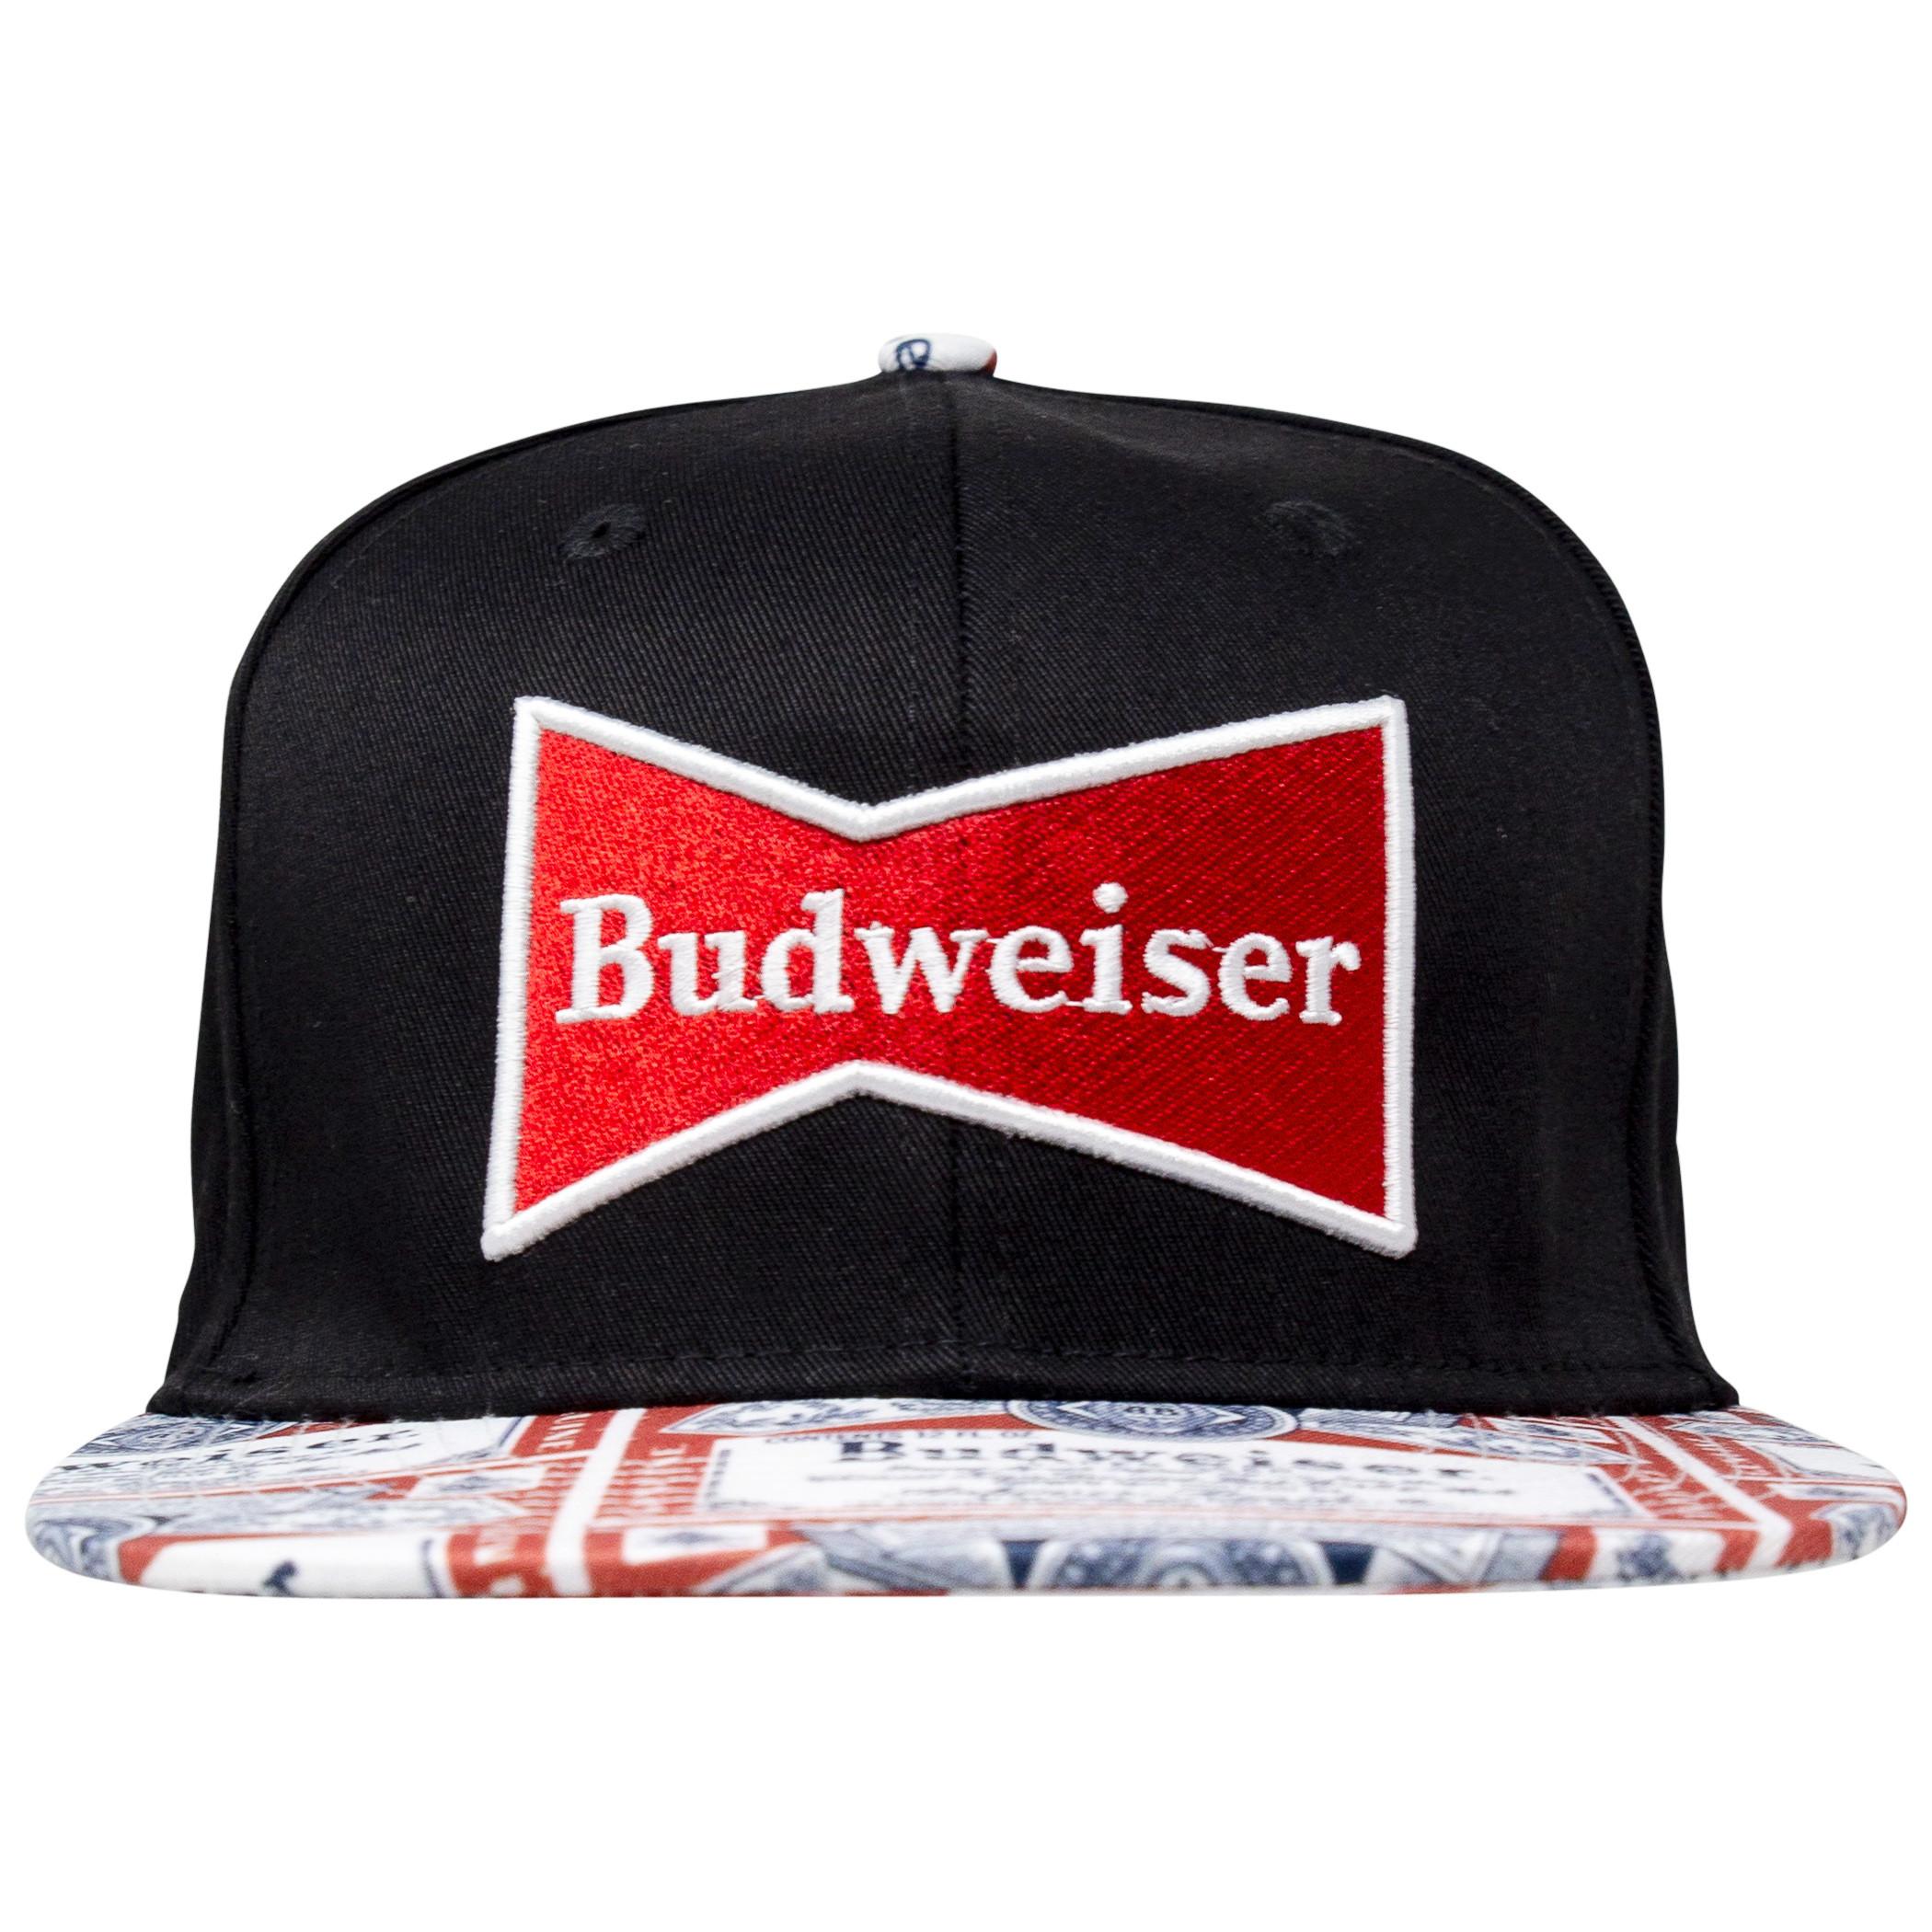 Budweiser Beer Label Brim Adjustable Snapback Hat